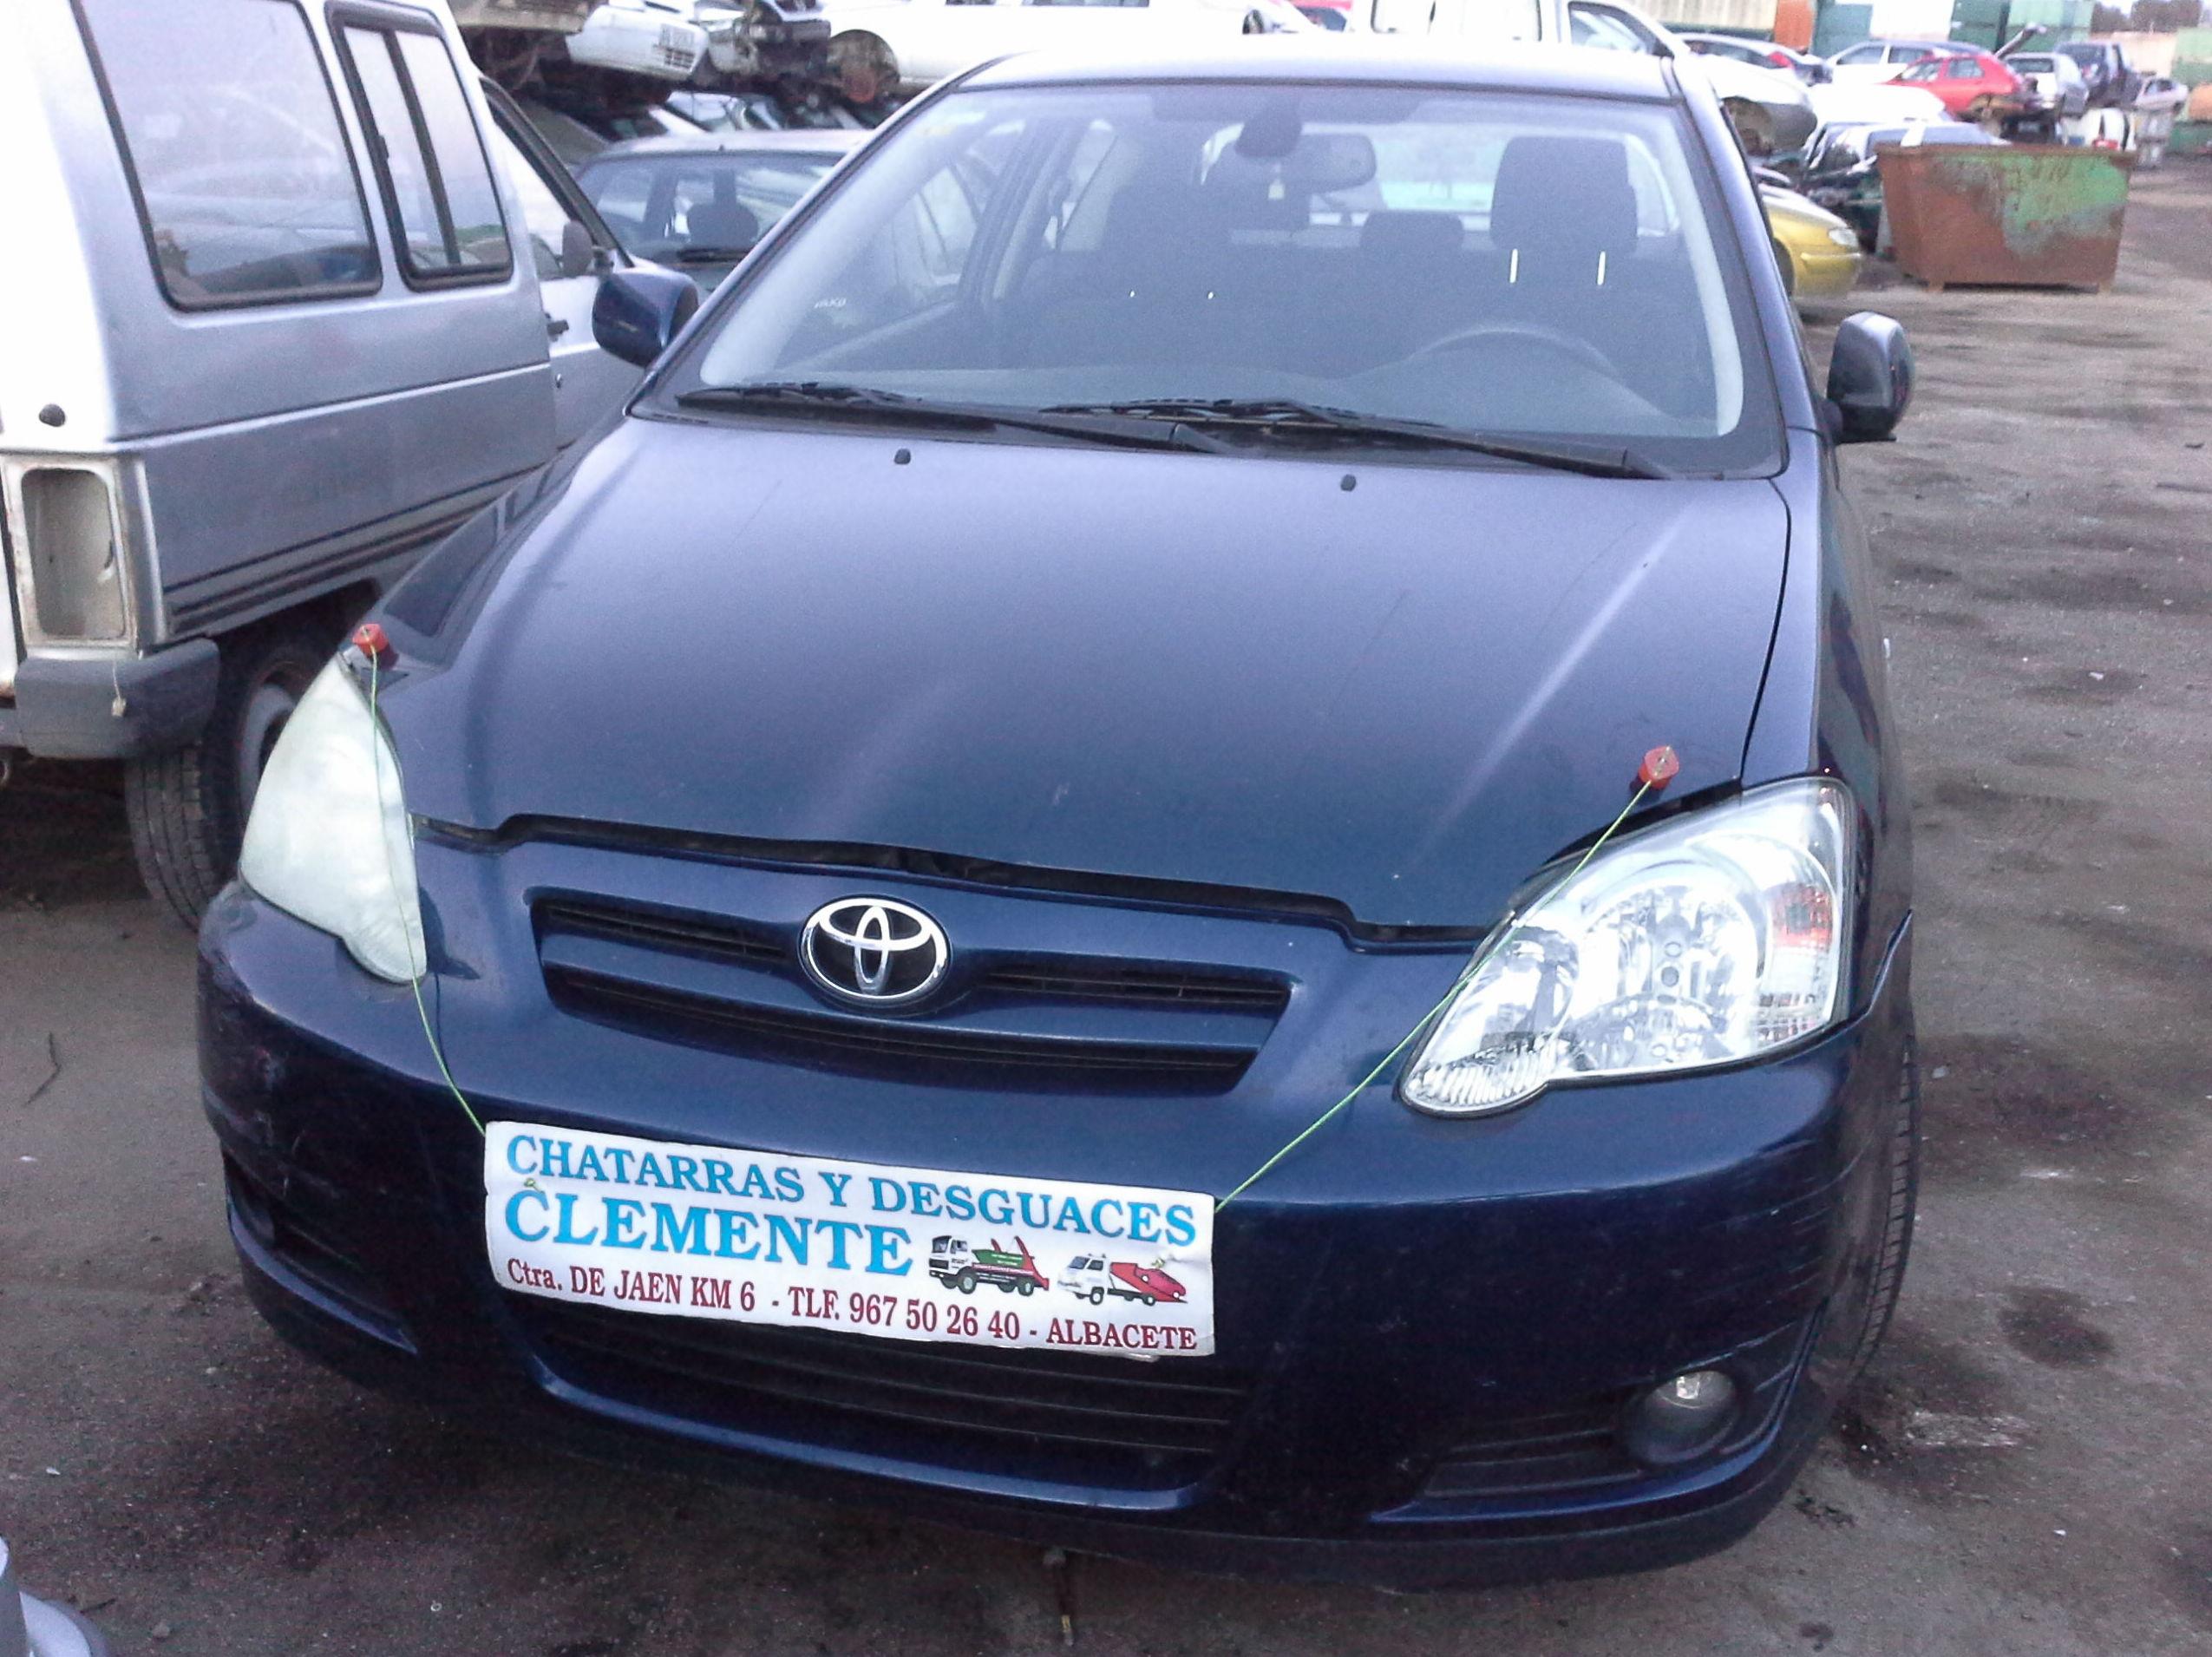 Toyota Corolla 2005 para desguace en Albacete en Desguaces Clemente